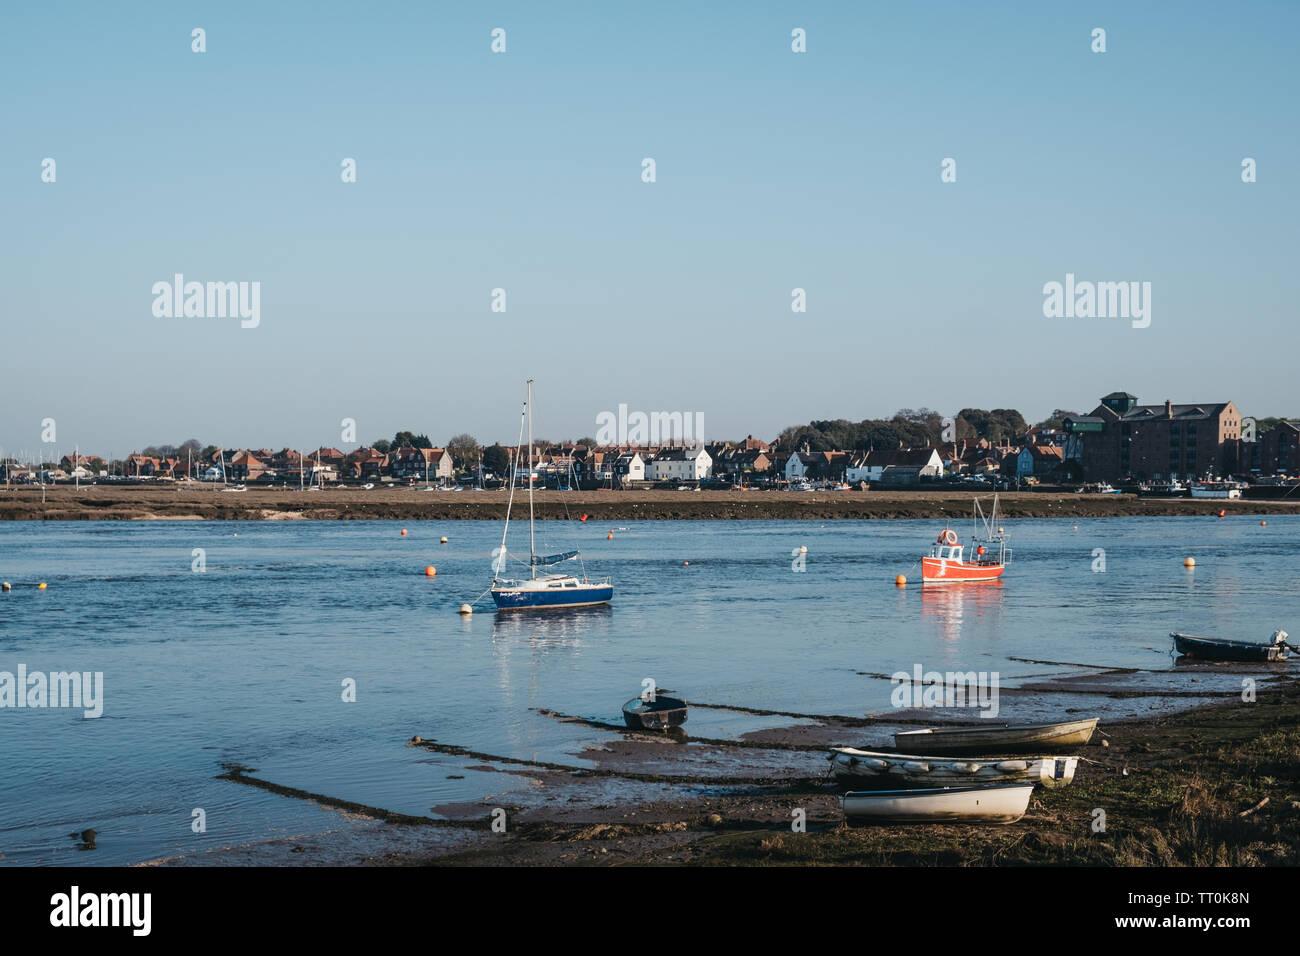 Wells-next-the-Sea, Royaume-Uni - 20 Avril 2019: bateaux de pêche arrivant dans les puits-next-the-sea port. Wells est une ville balnéaire et port de Norfolk, UK, famou Banque D'Images